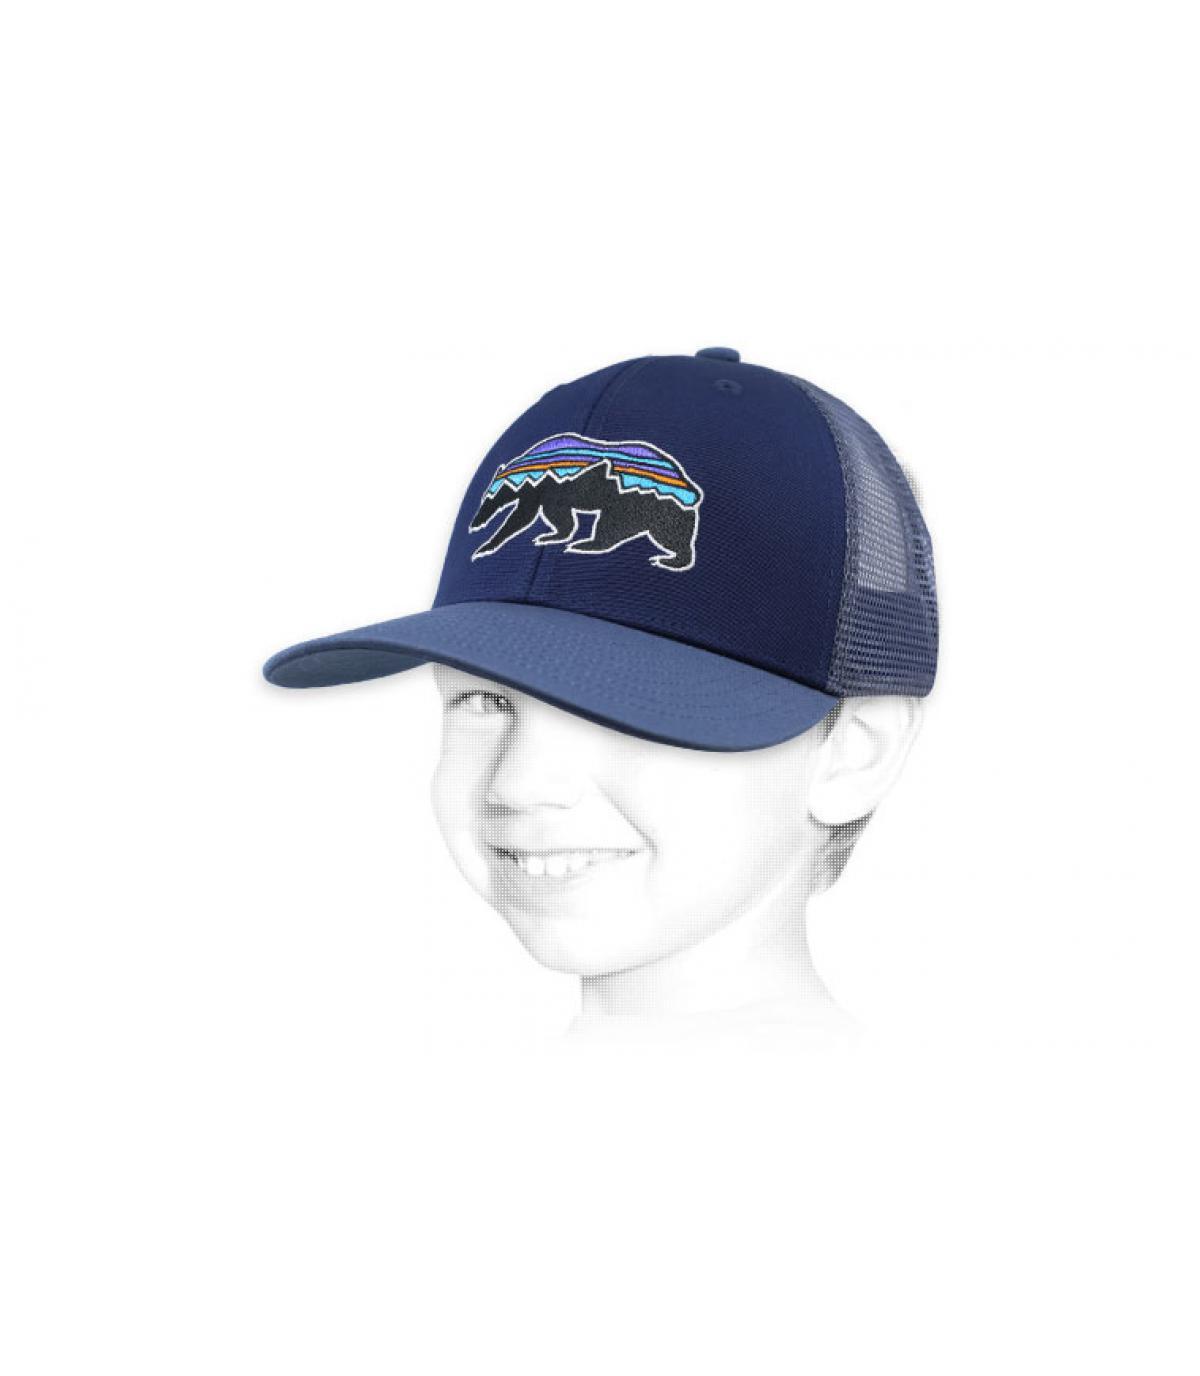 Cappellino da bambino blu patagonia